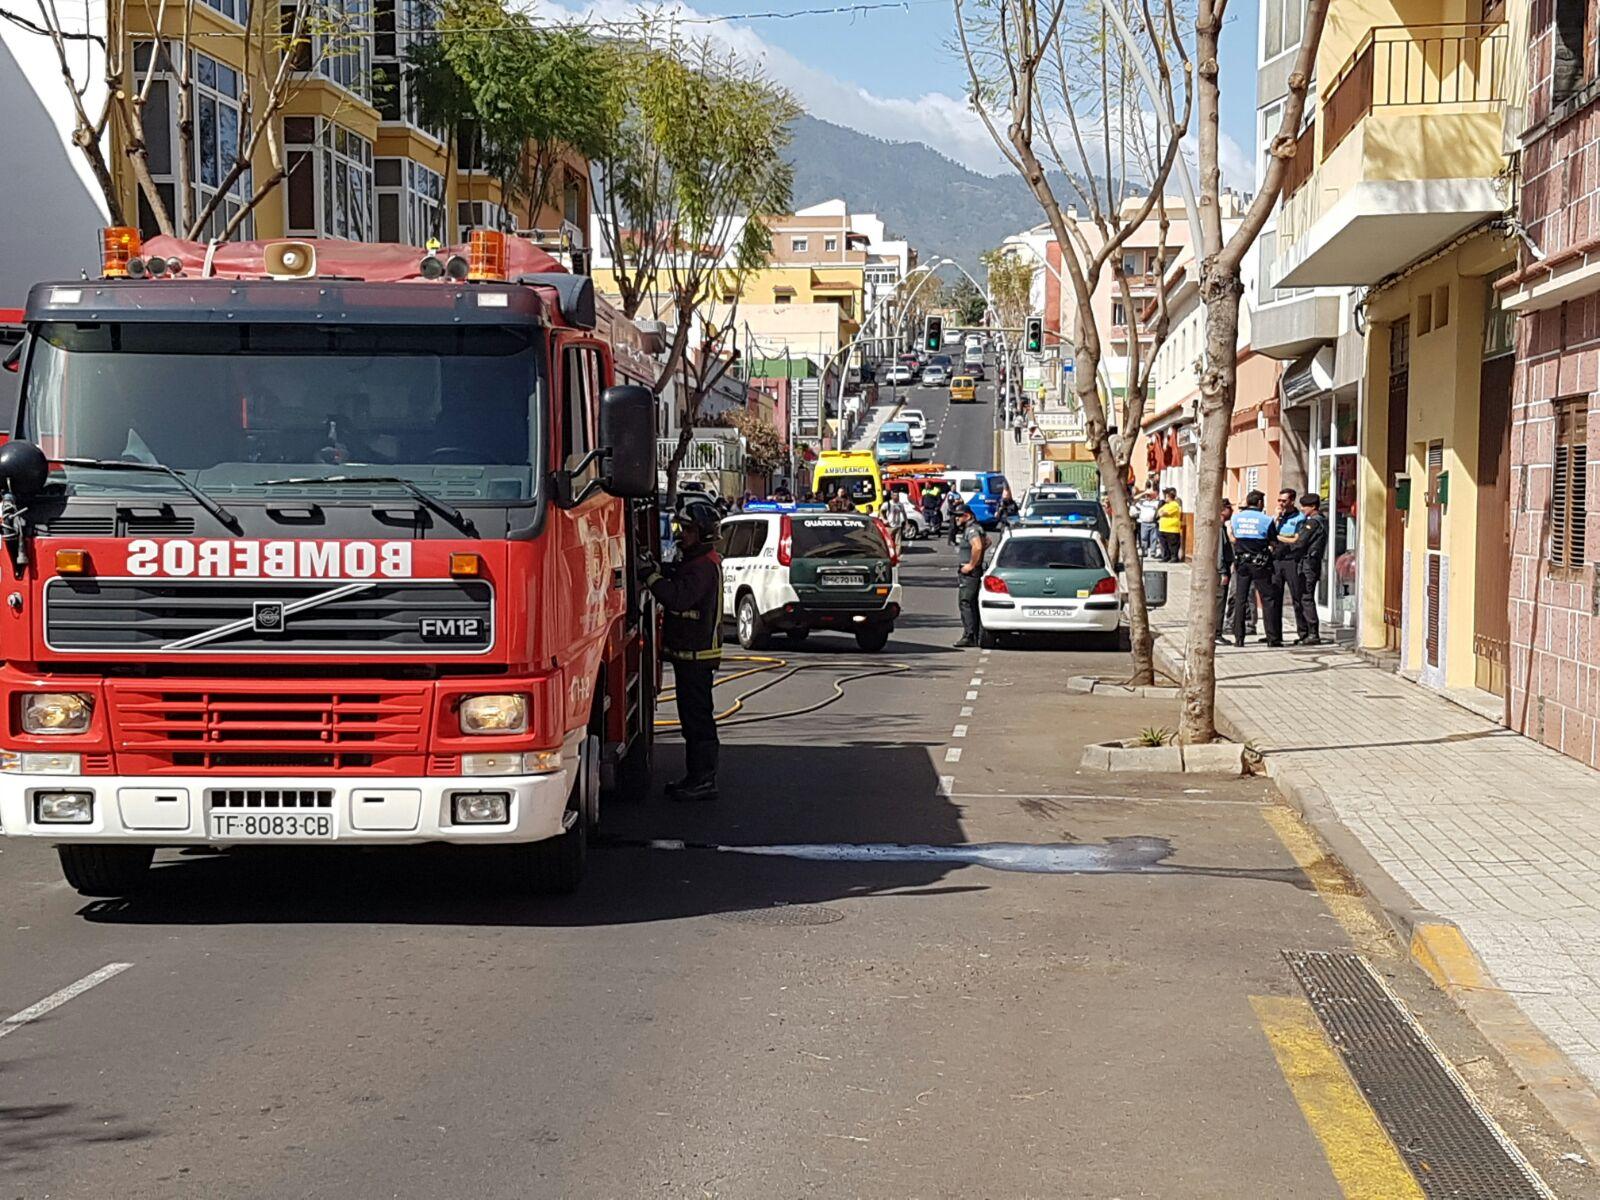 Resultado de imagen de Se entrega el hombre atrincherado en un bar de Tenerife y que amenazó con hacer estallar varias bombonas de butano